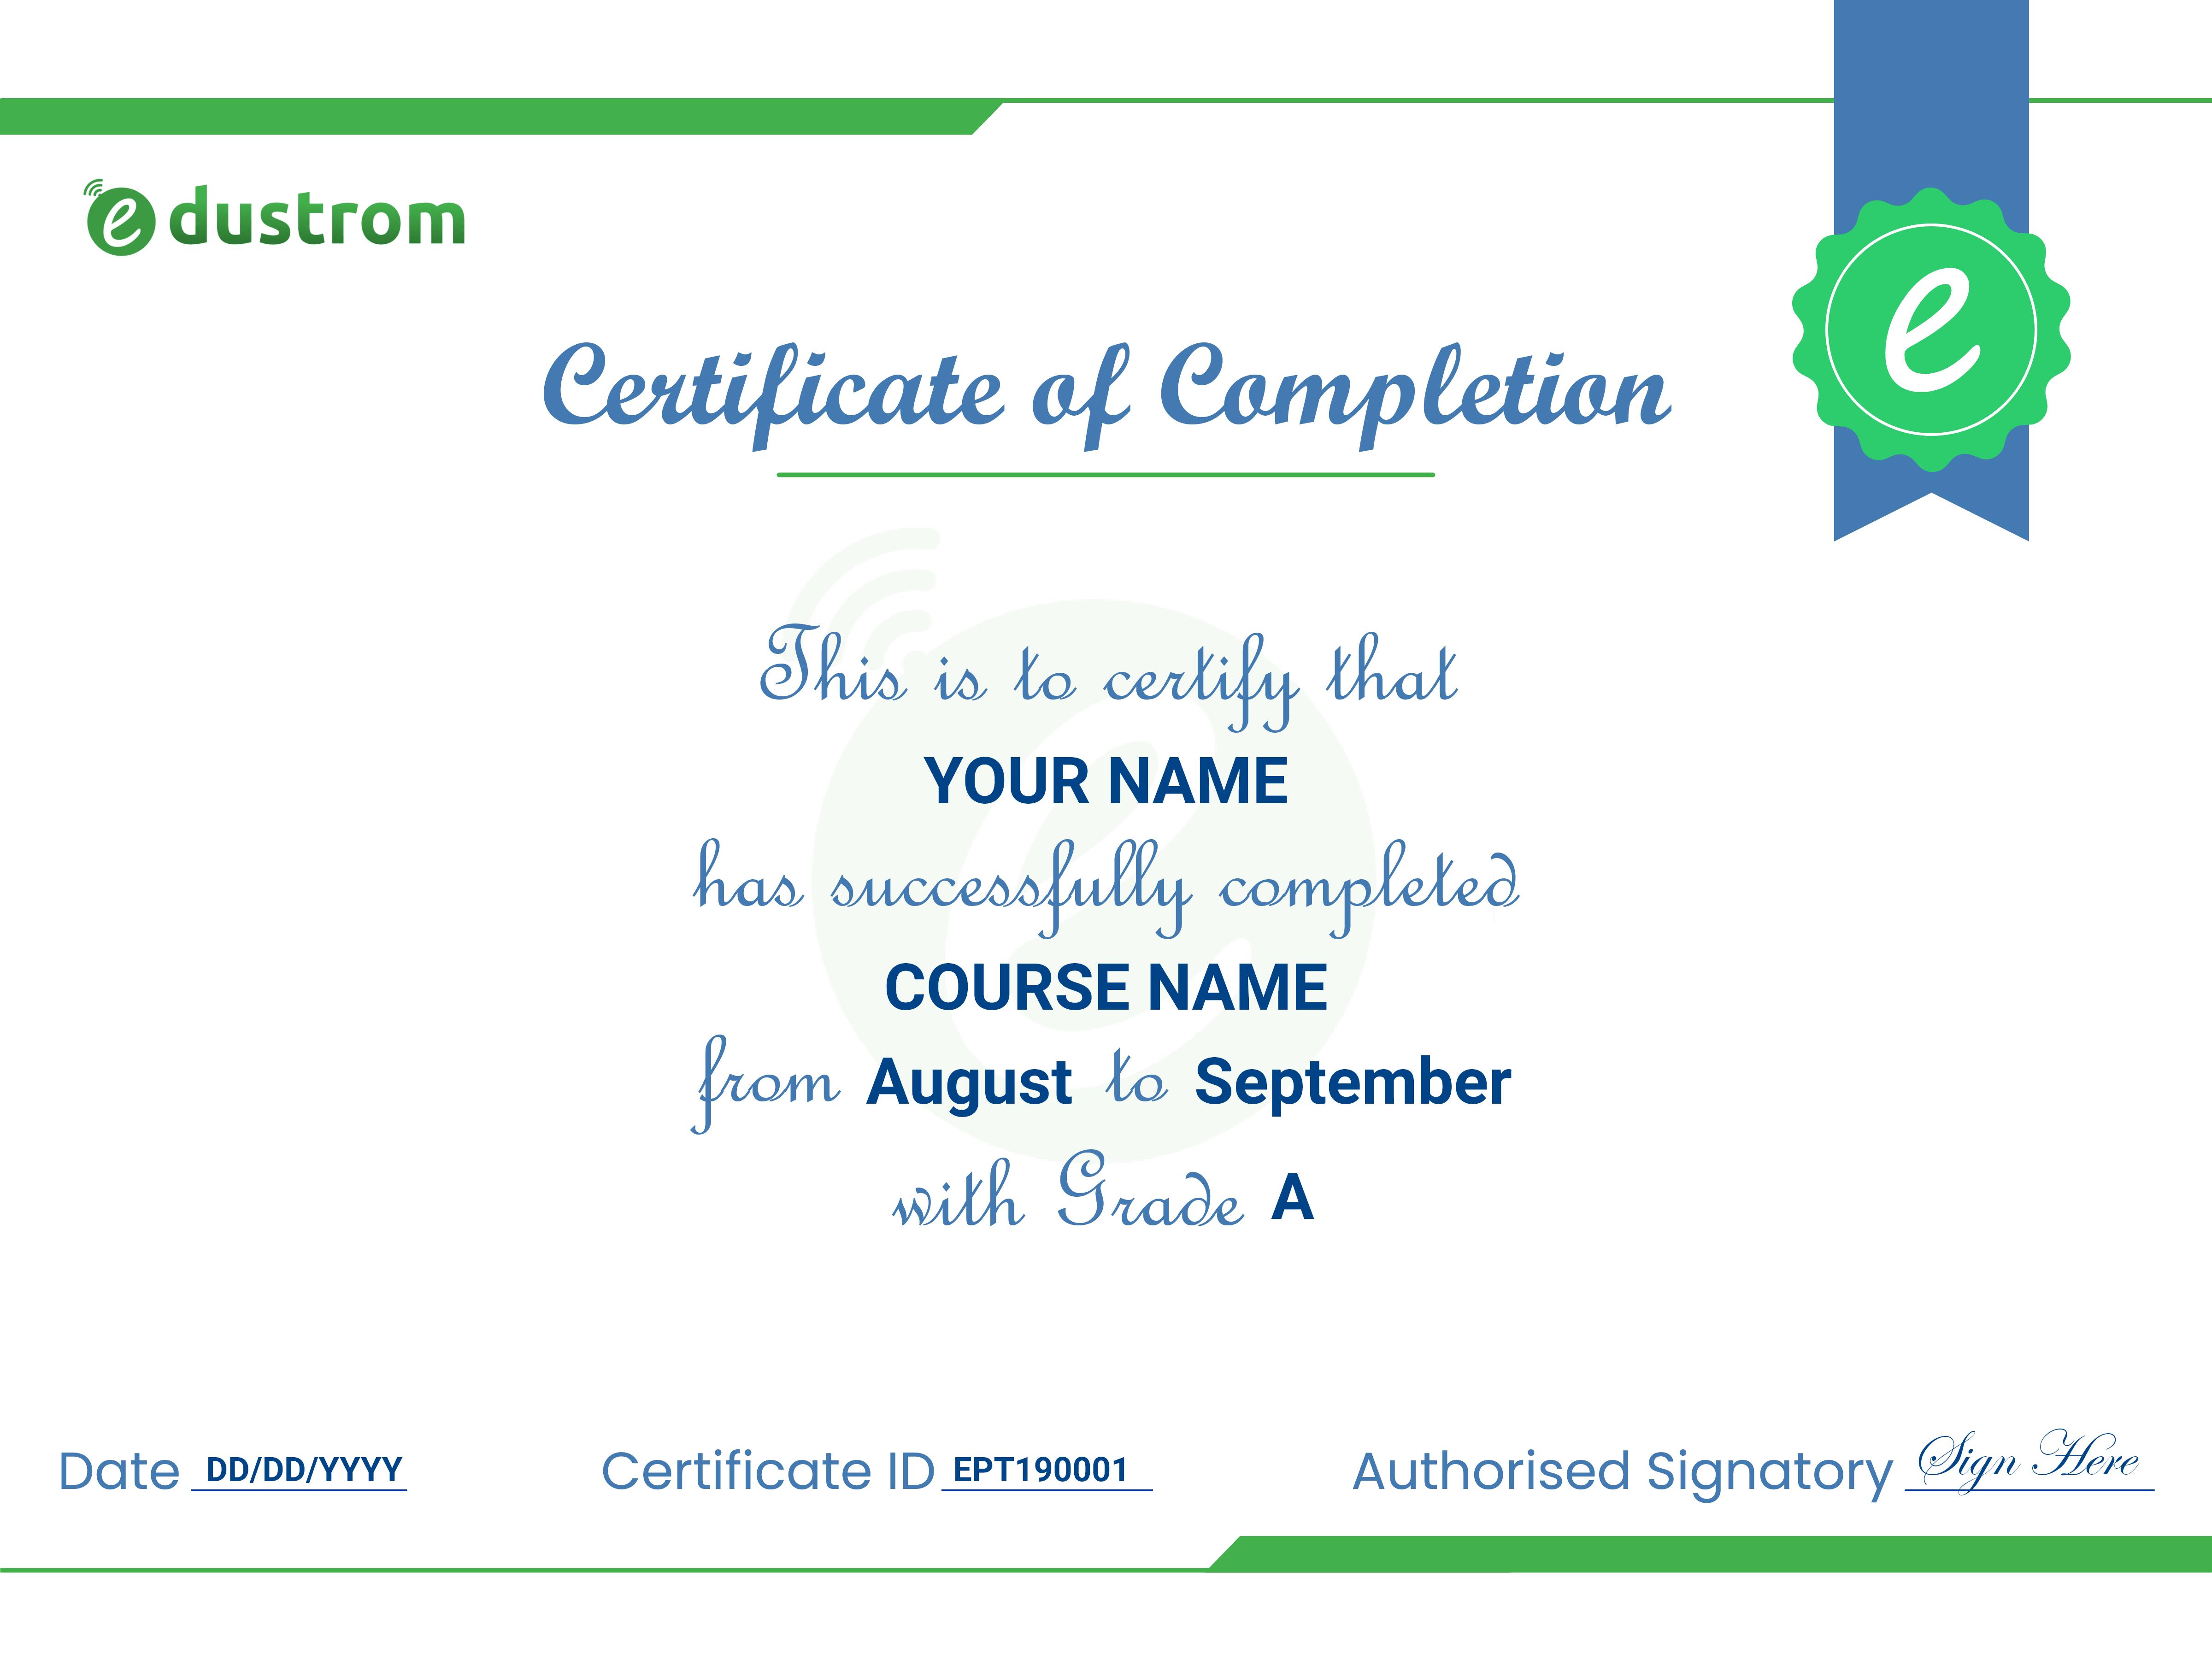 Edustrom Certificate